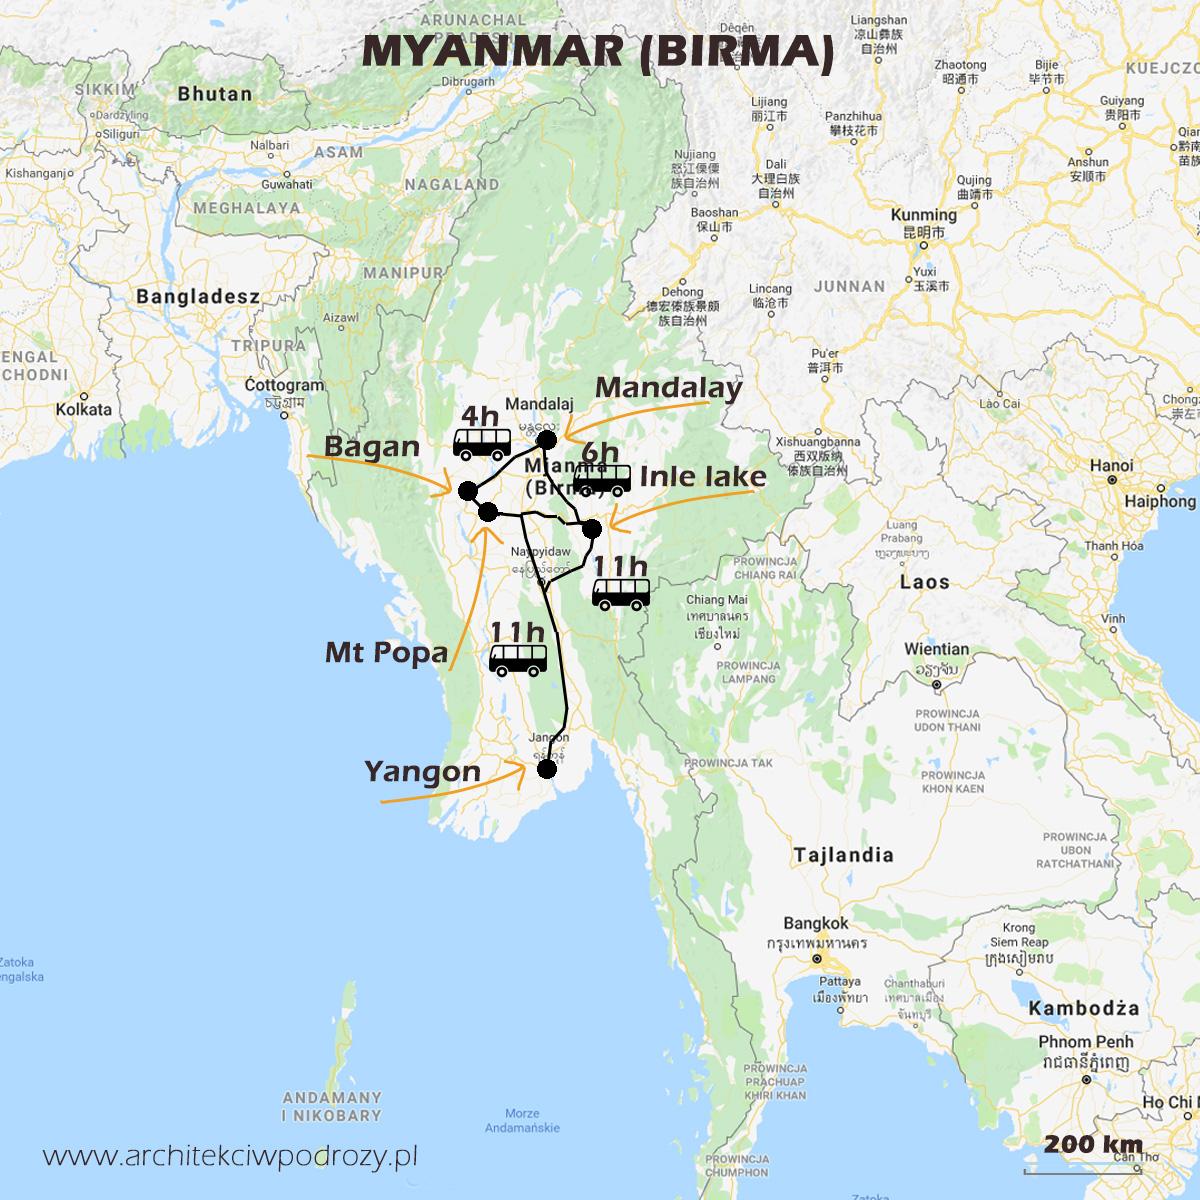 01 BIRMA mapa r1 - Myanmar informacje ogóle